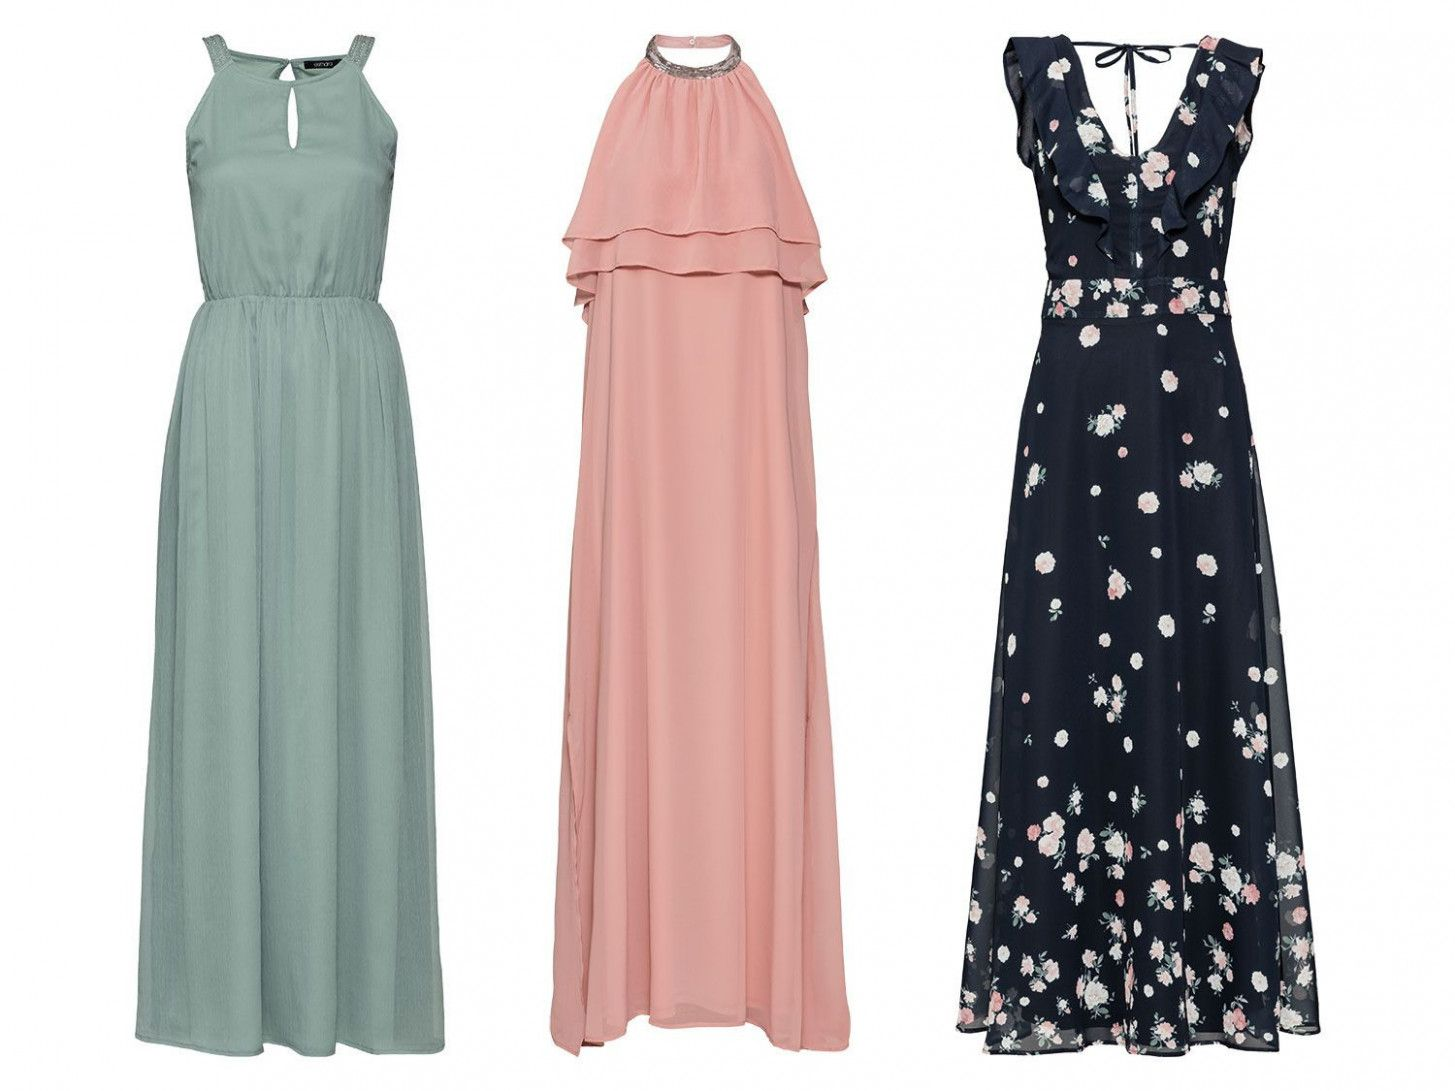 13 kleider online bestellen | schöne kleider, kleider online